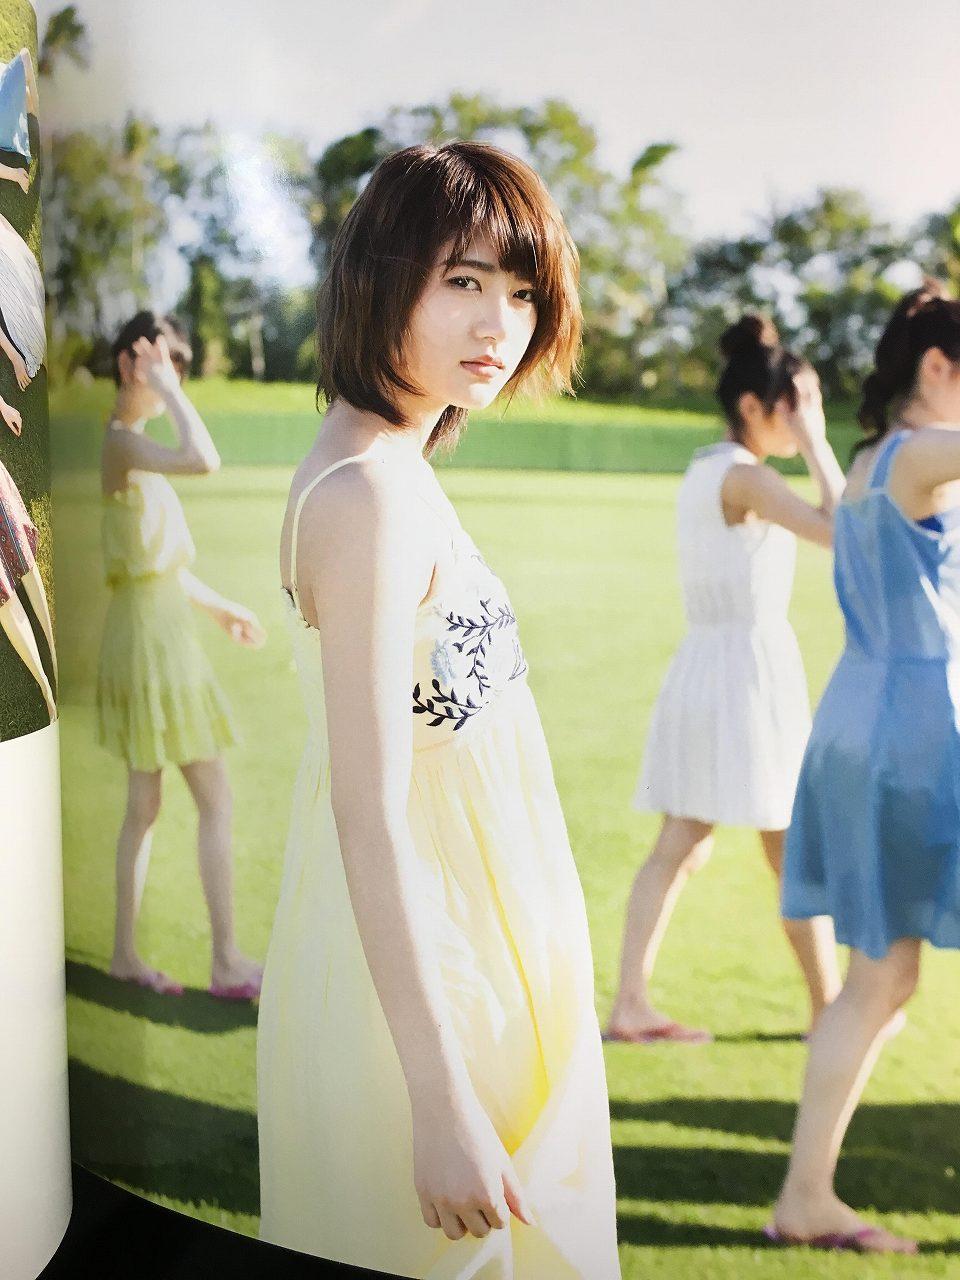 乃木坂46のセカンド写真集「1時間遅れのI love you.」画像(ワンピースを着た若月佑美)